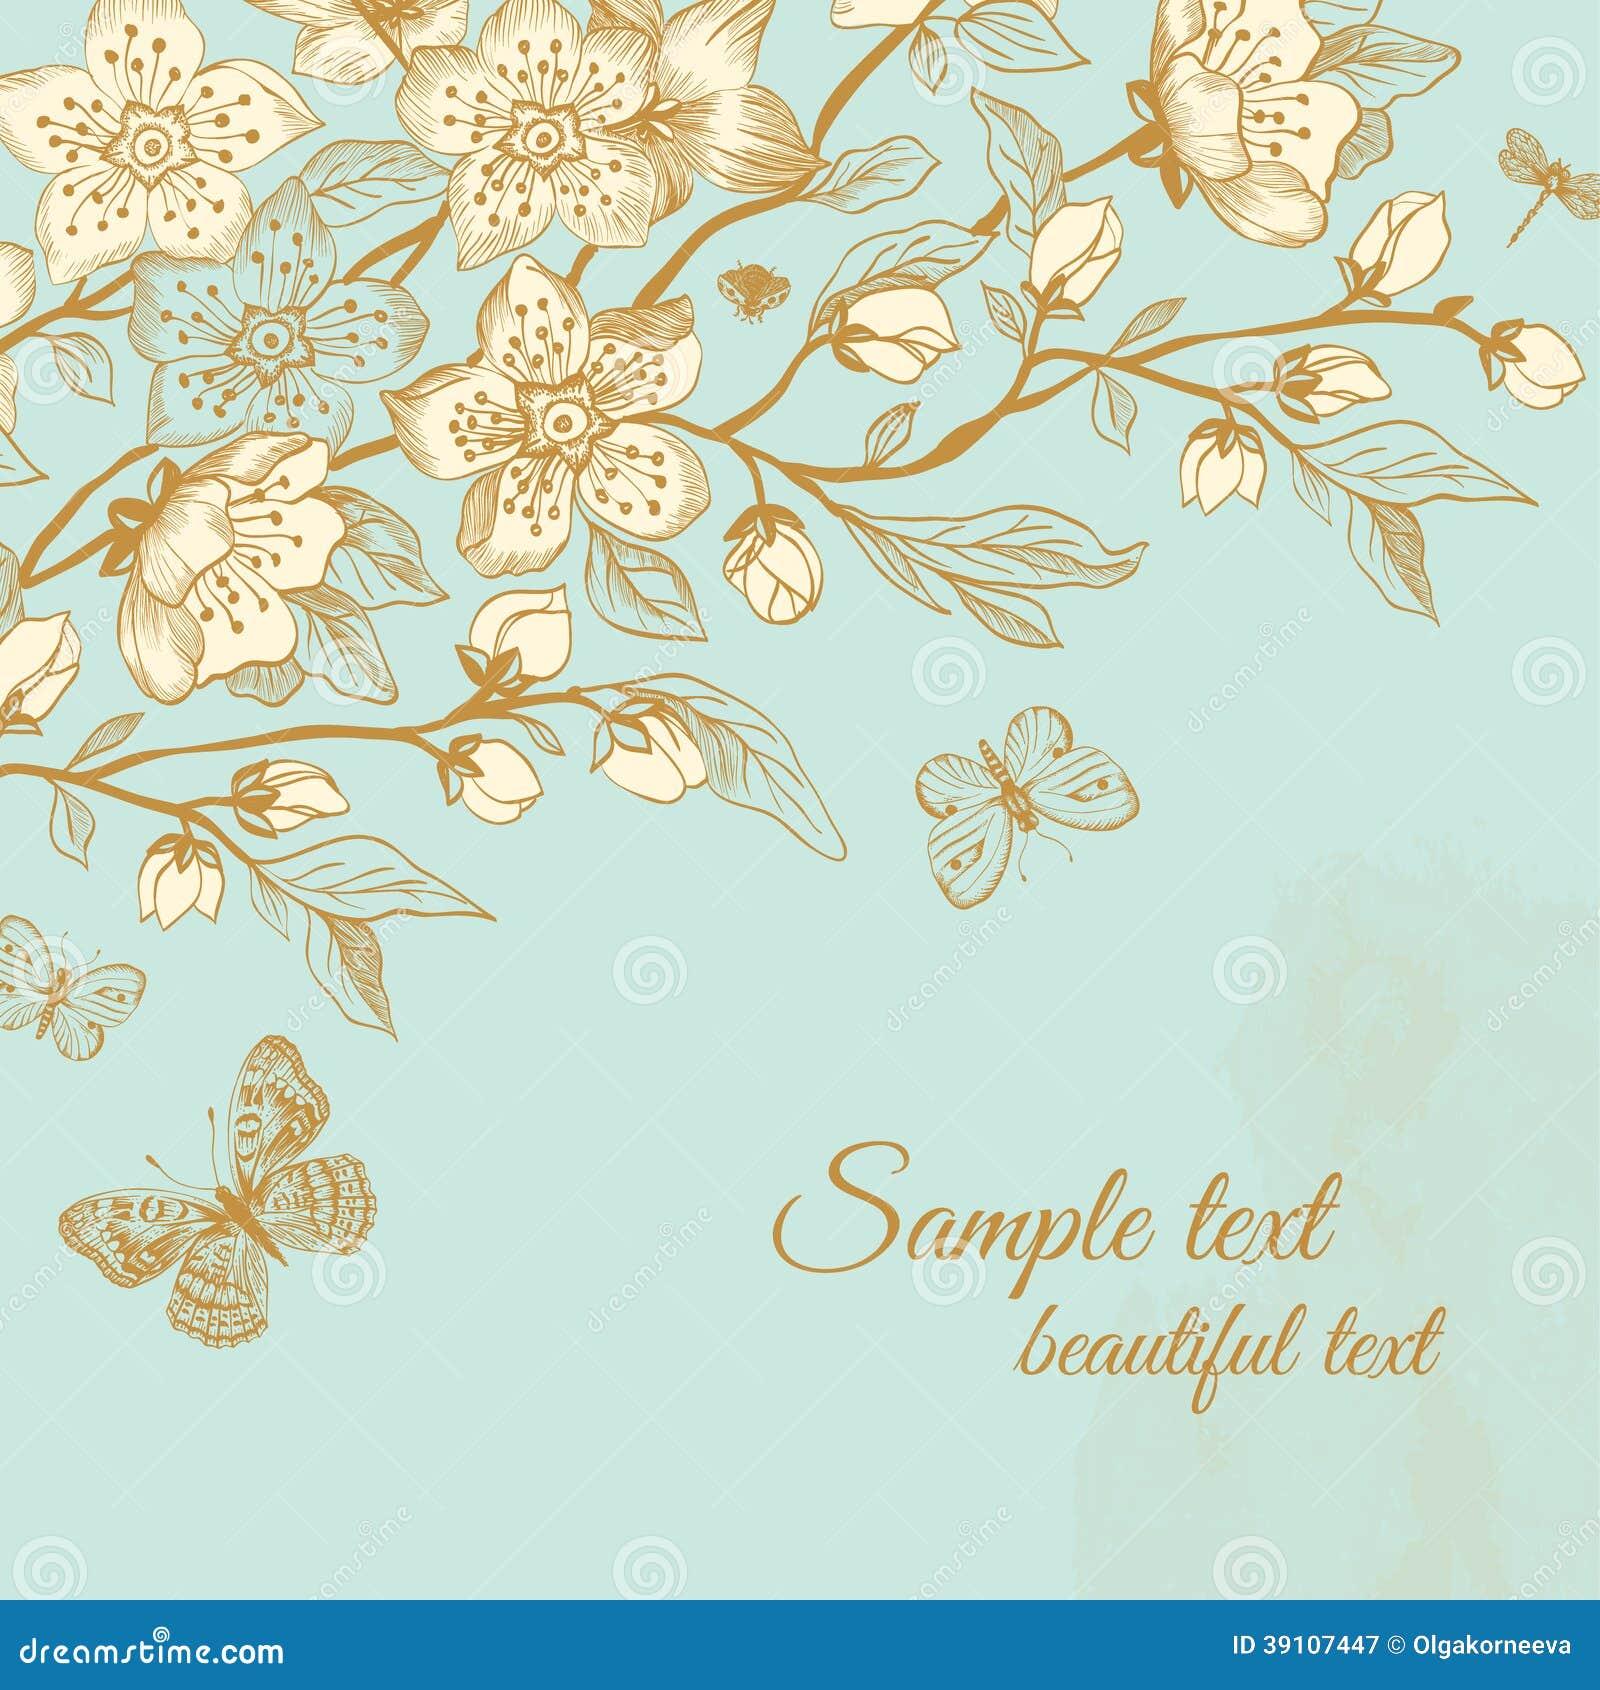 84 wallpaper butterfly mint green gallery best wallpaper hd